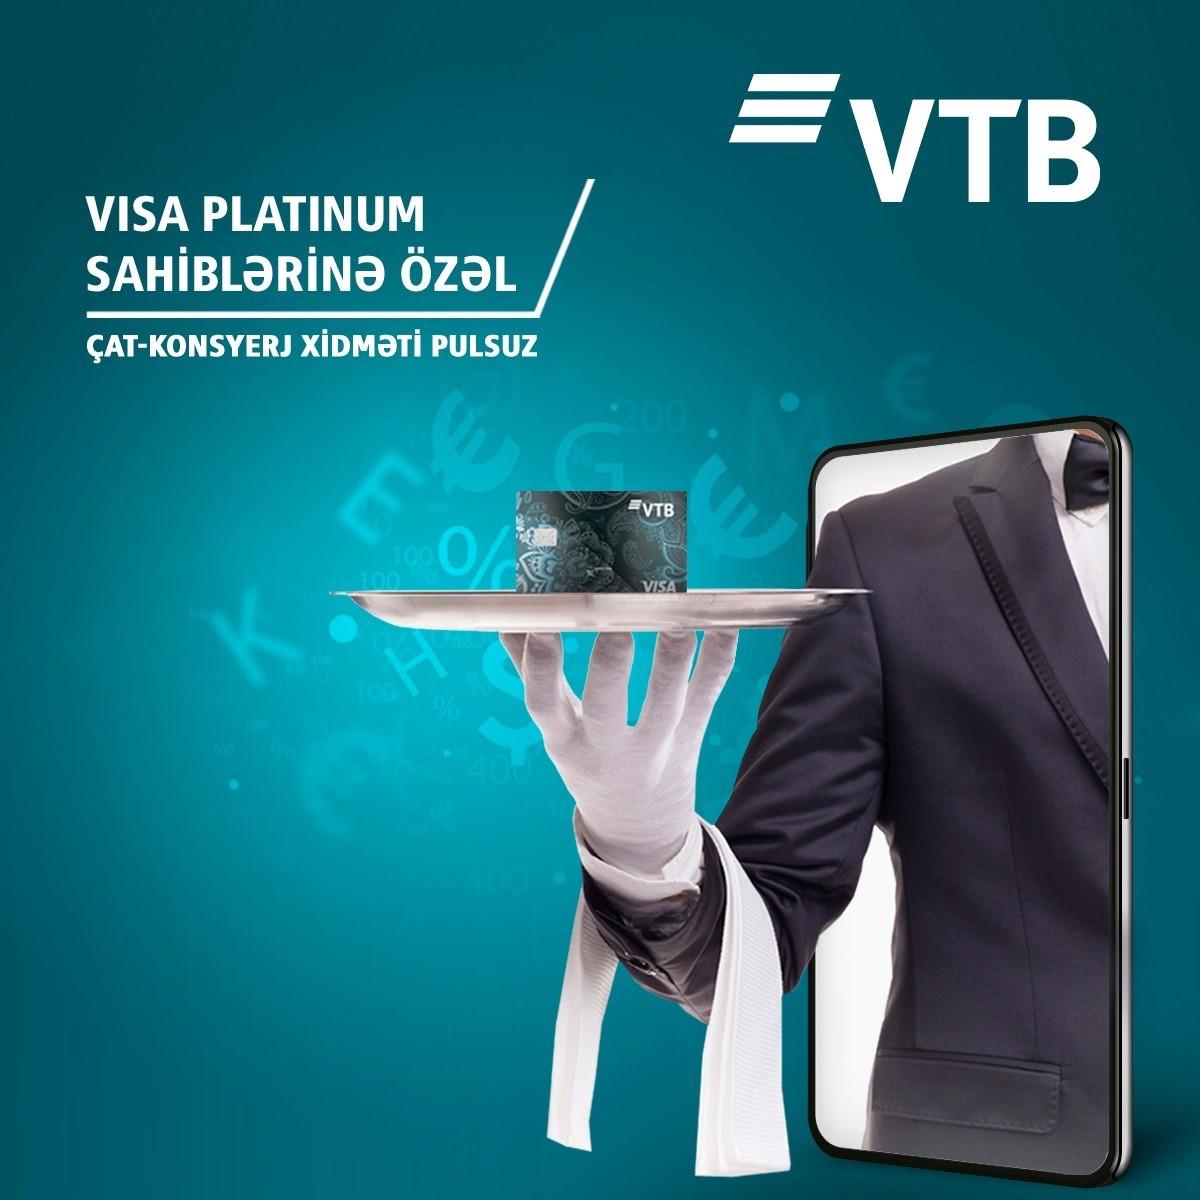 Владельцам карт Visa Platinum банка ВТБ (Азербайджан) доступна новая услуга чат-консьерж